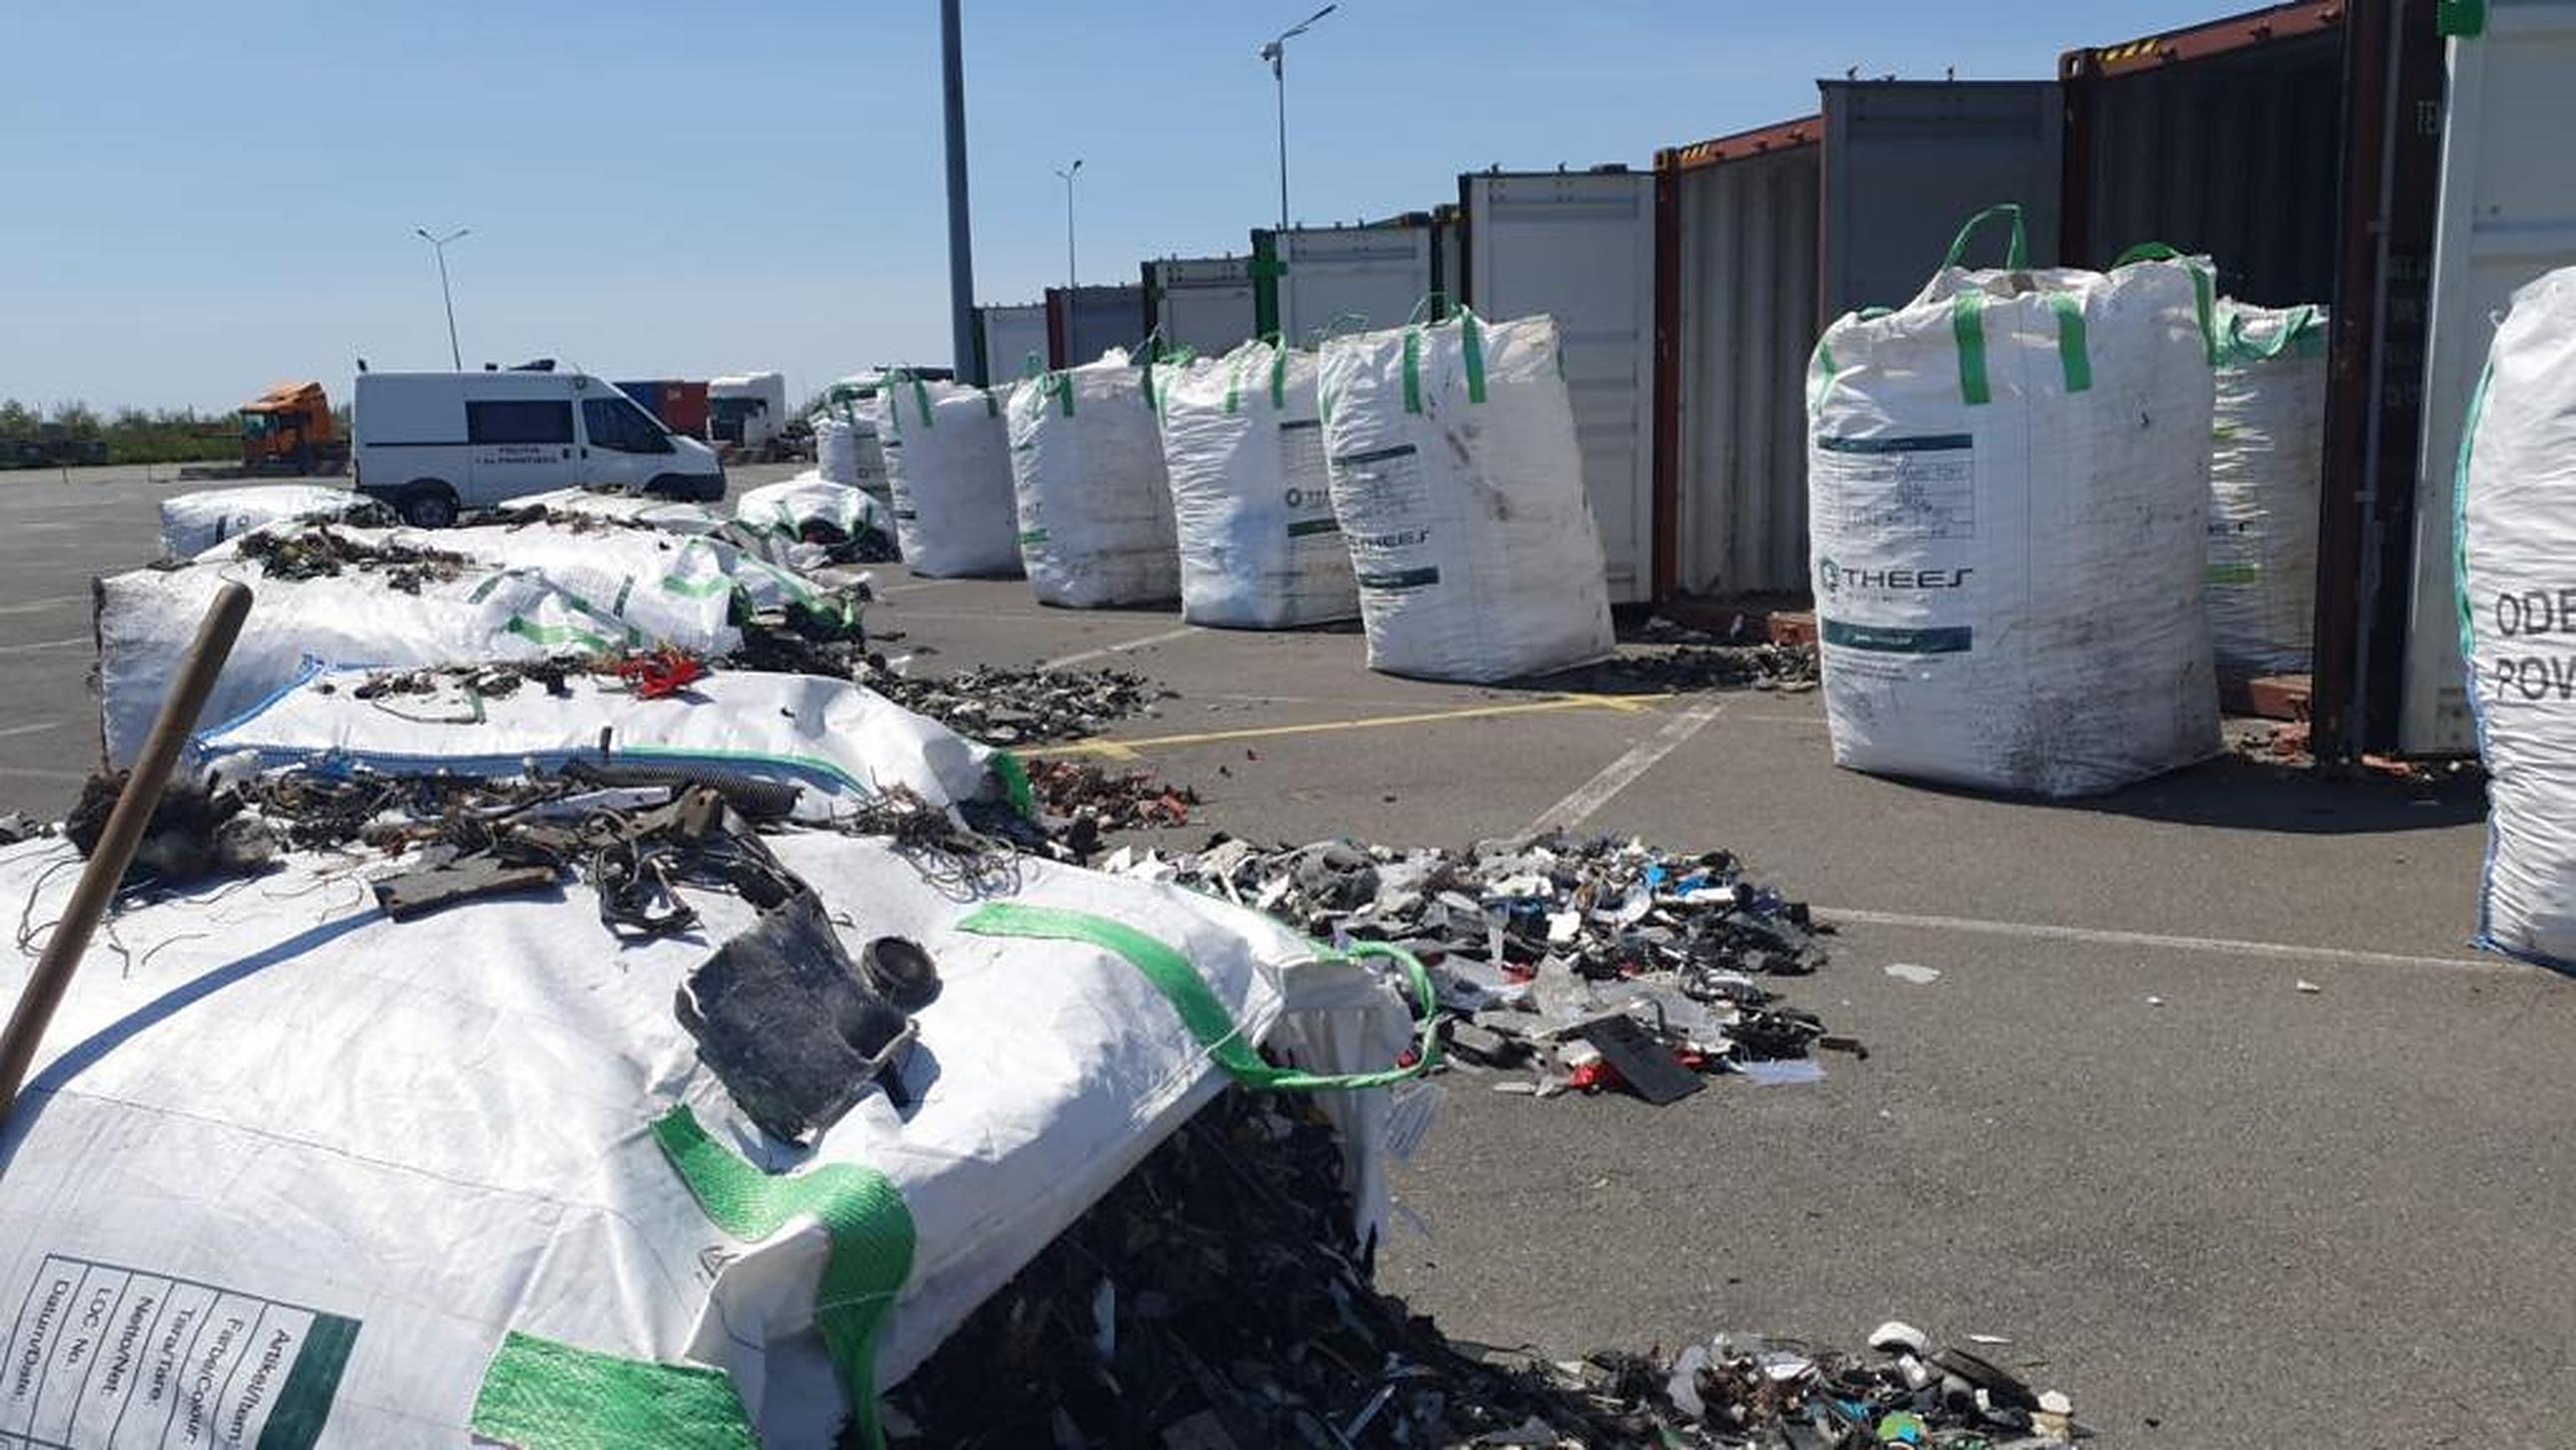 România, groapa de gunoi a Germaniei. 300 de tone de deșeuri au fost descoperite în Portul Constanța